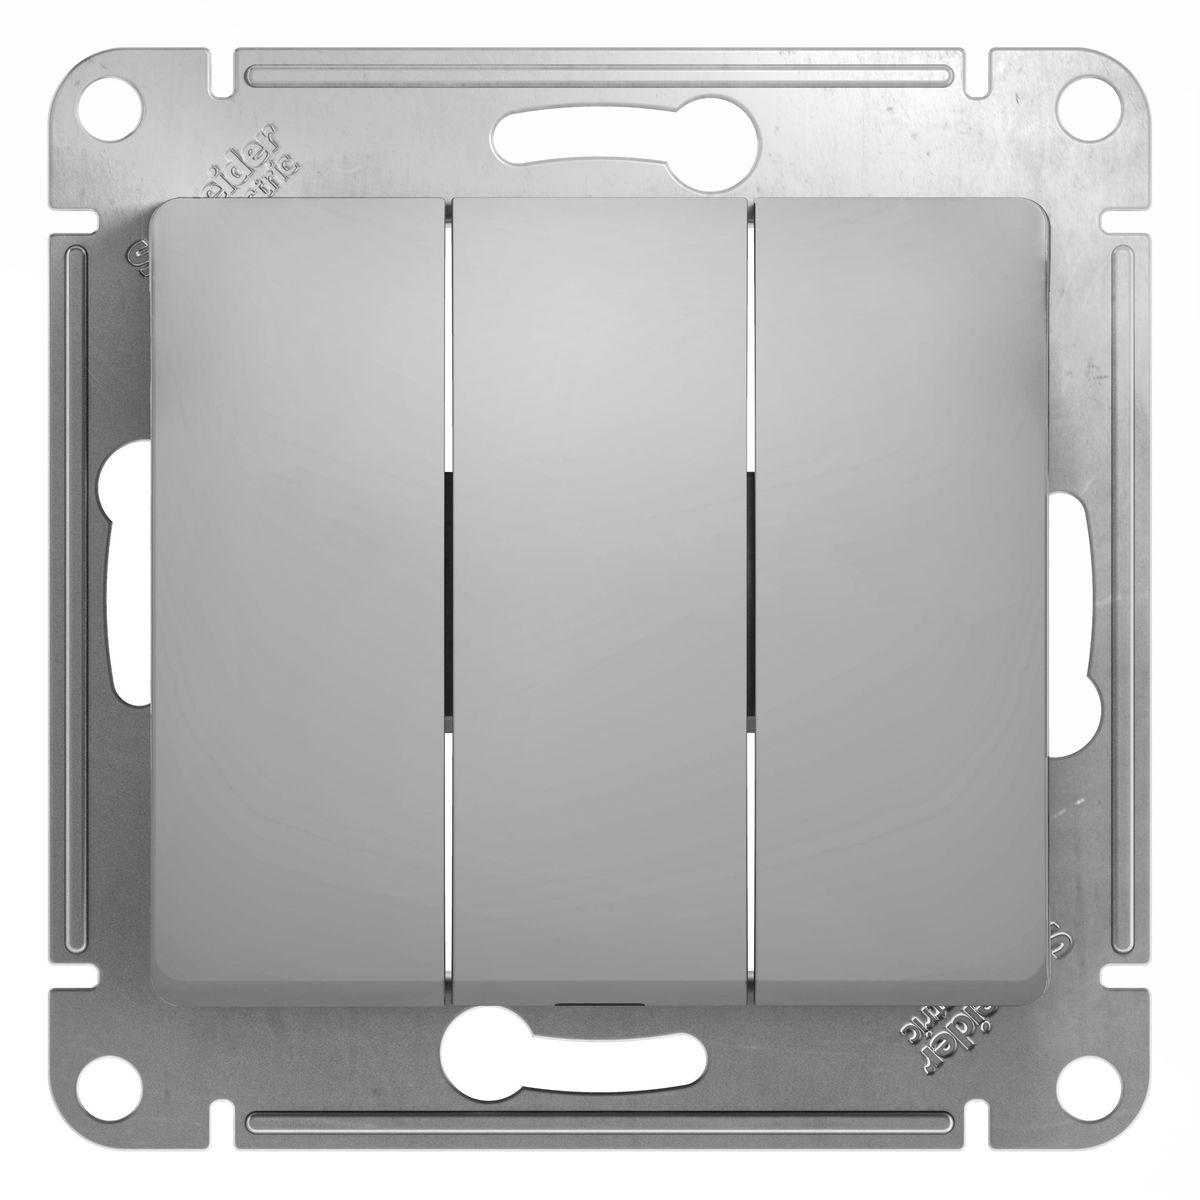 Выключатель Schneider Electric Glossa, тройной, цвет: алюминийGSL000331Тройной выключатель Schneider Electric Glossa выполнен из прочного пластика и стали. Выключатель имеет специальные фиксаторы, которые не дают ему смещаться как при монтаже, так и в процессе эксплуатации. Винтовые зажимы кабеля обеспечивают надежный монтаж к электросети с помощью отвертки. Такой выключатель станет удачным решением для дома и дачи.